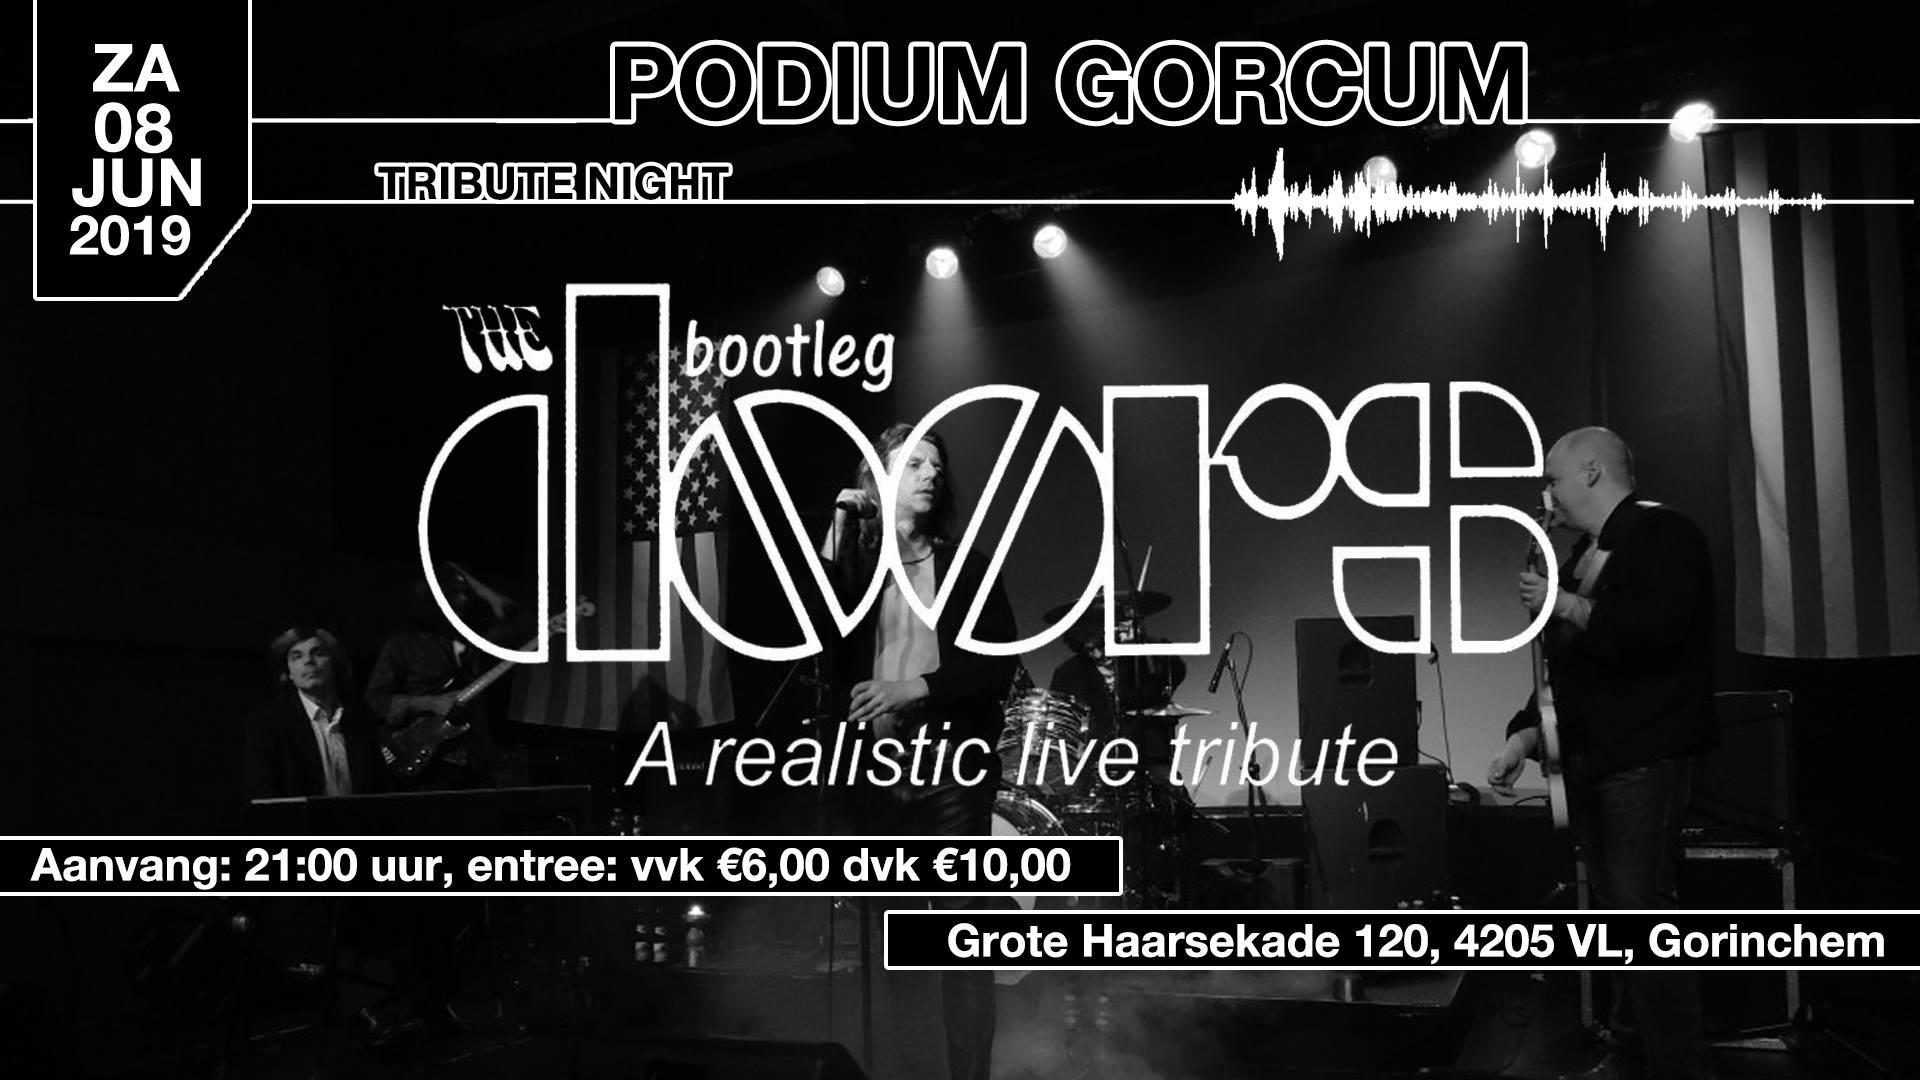 Tribute Night: The Bootleg Doors @ Podium Gorcum